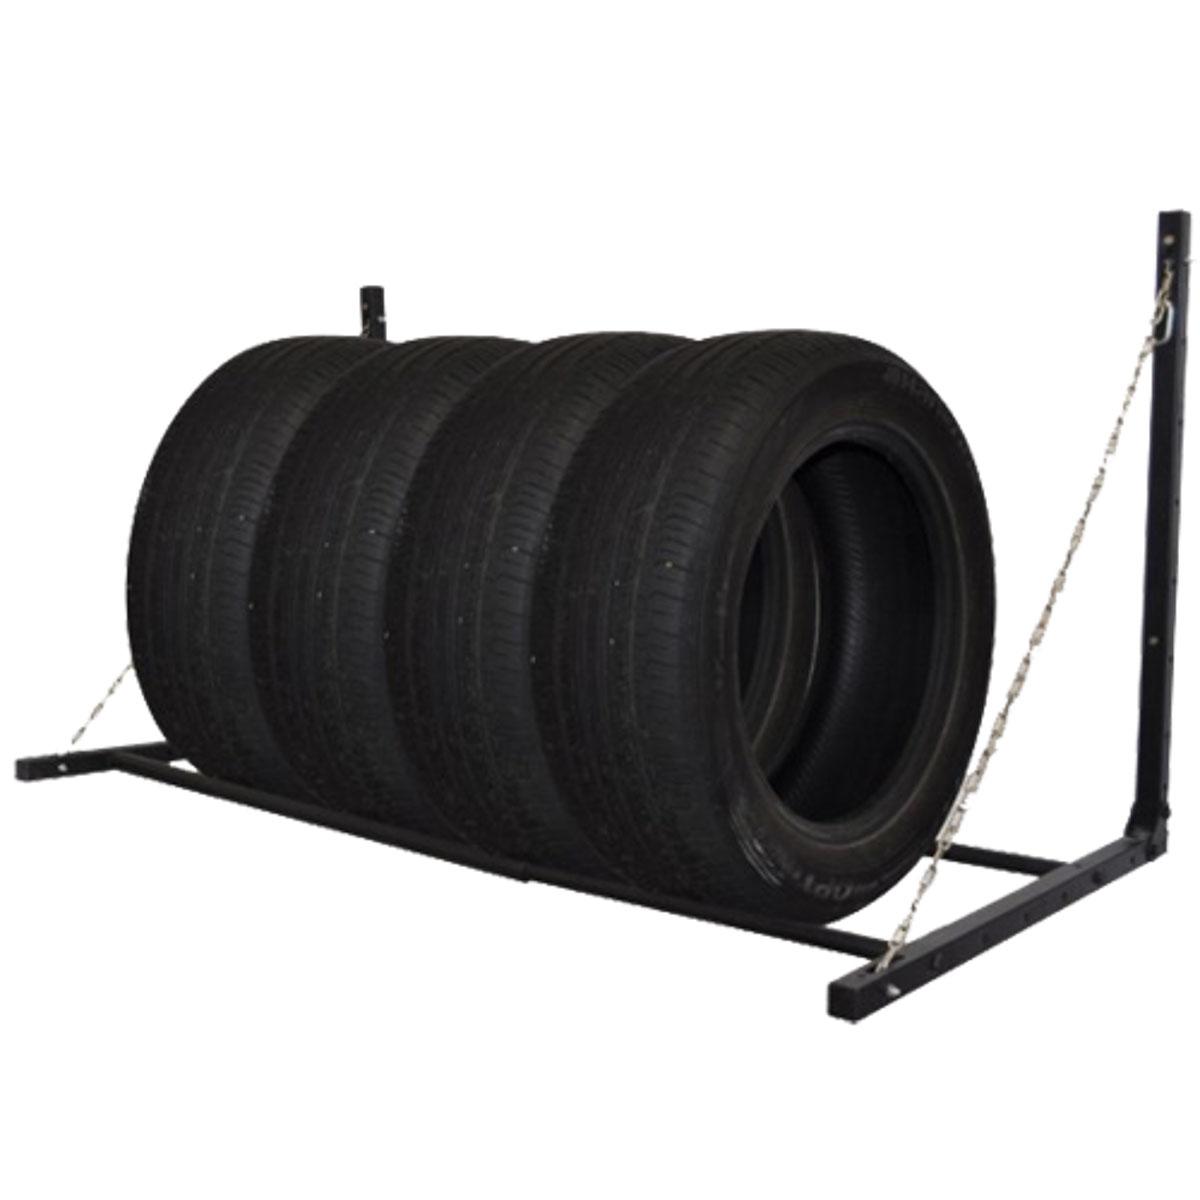 Полка для хранения колес МастерПрофАС.050004Система настенного хранения колёс. Идеально подходит для организации пространства.Максимальная нагрузка 200 кг. Выдерживает 4 колеса с дисками.Изготовлена из прочных стальных труб. Размер в собранном виде: 140 х 73 х 70 см.Размер упаковки: 82 х 10,5 х 8 см. Вес: 7,85 кг.